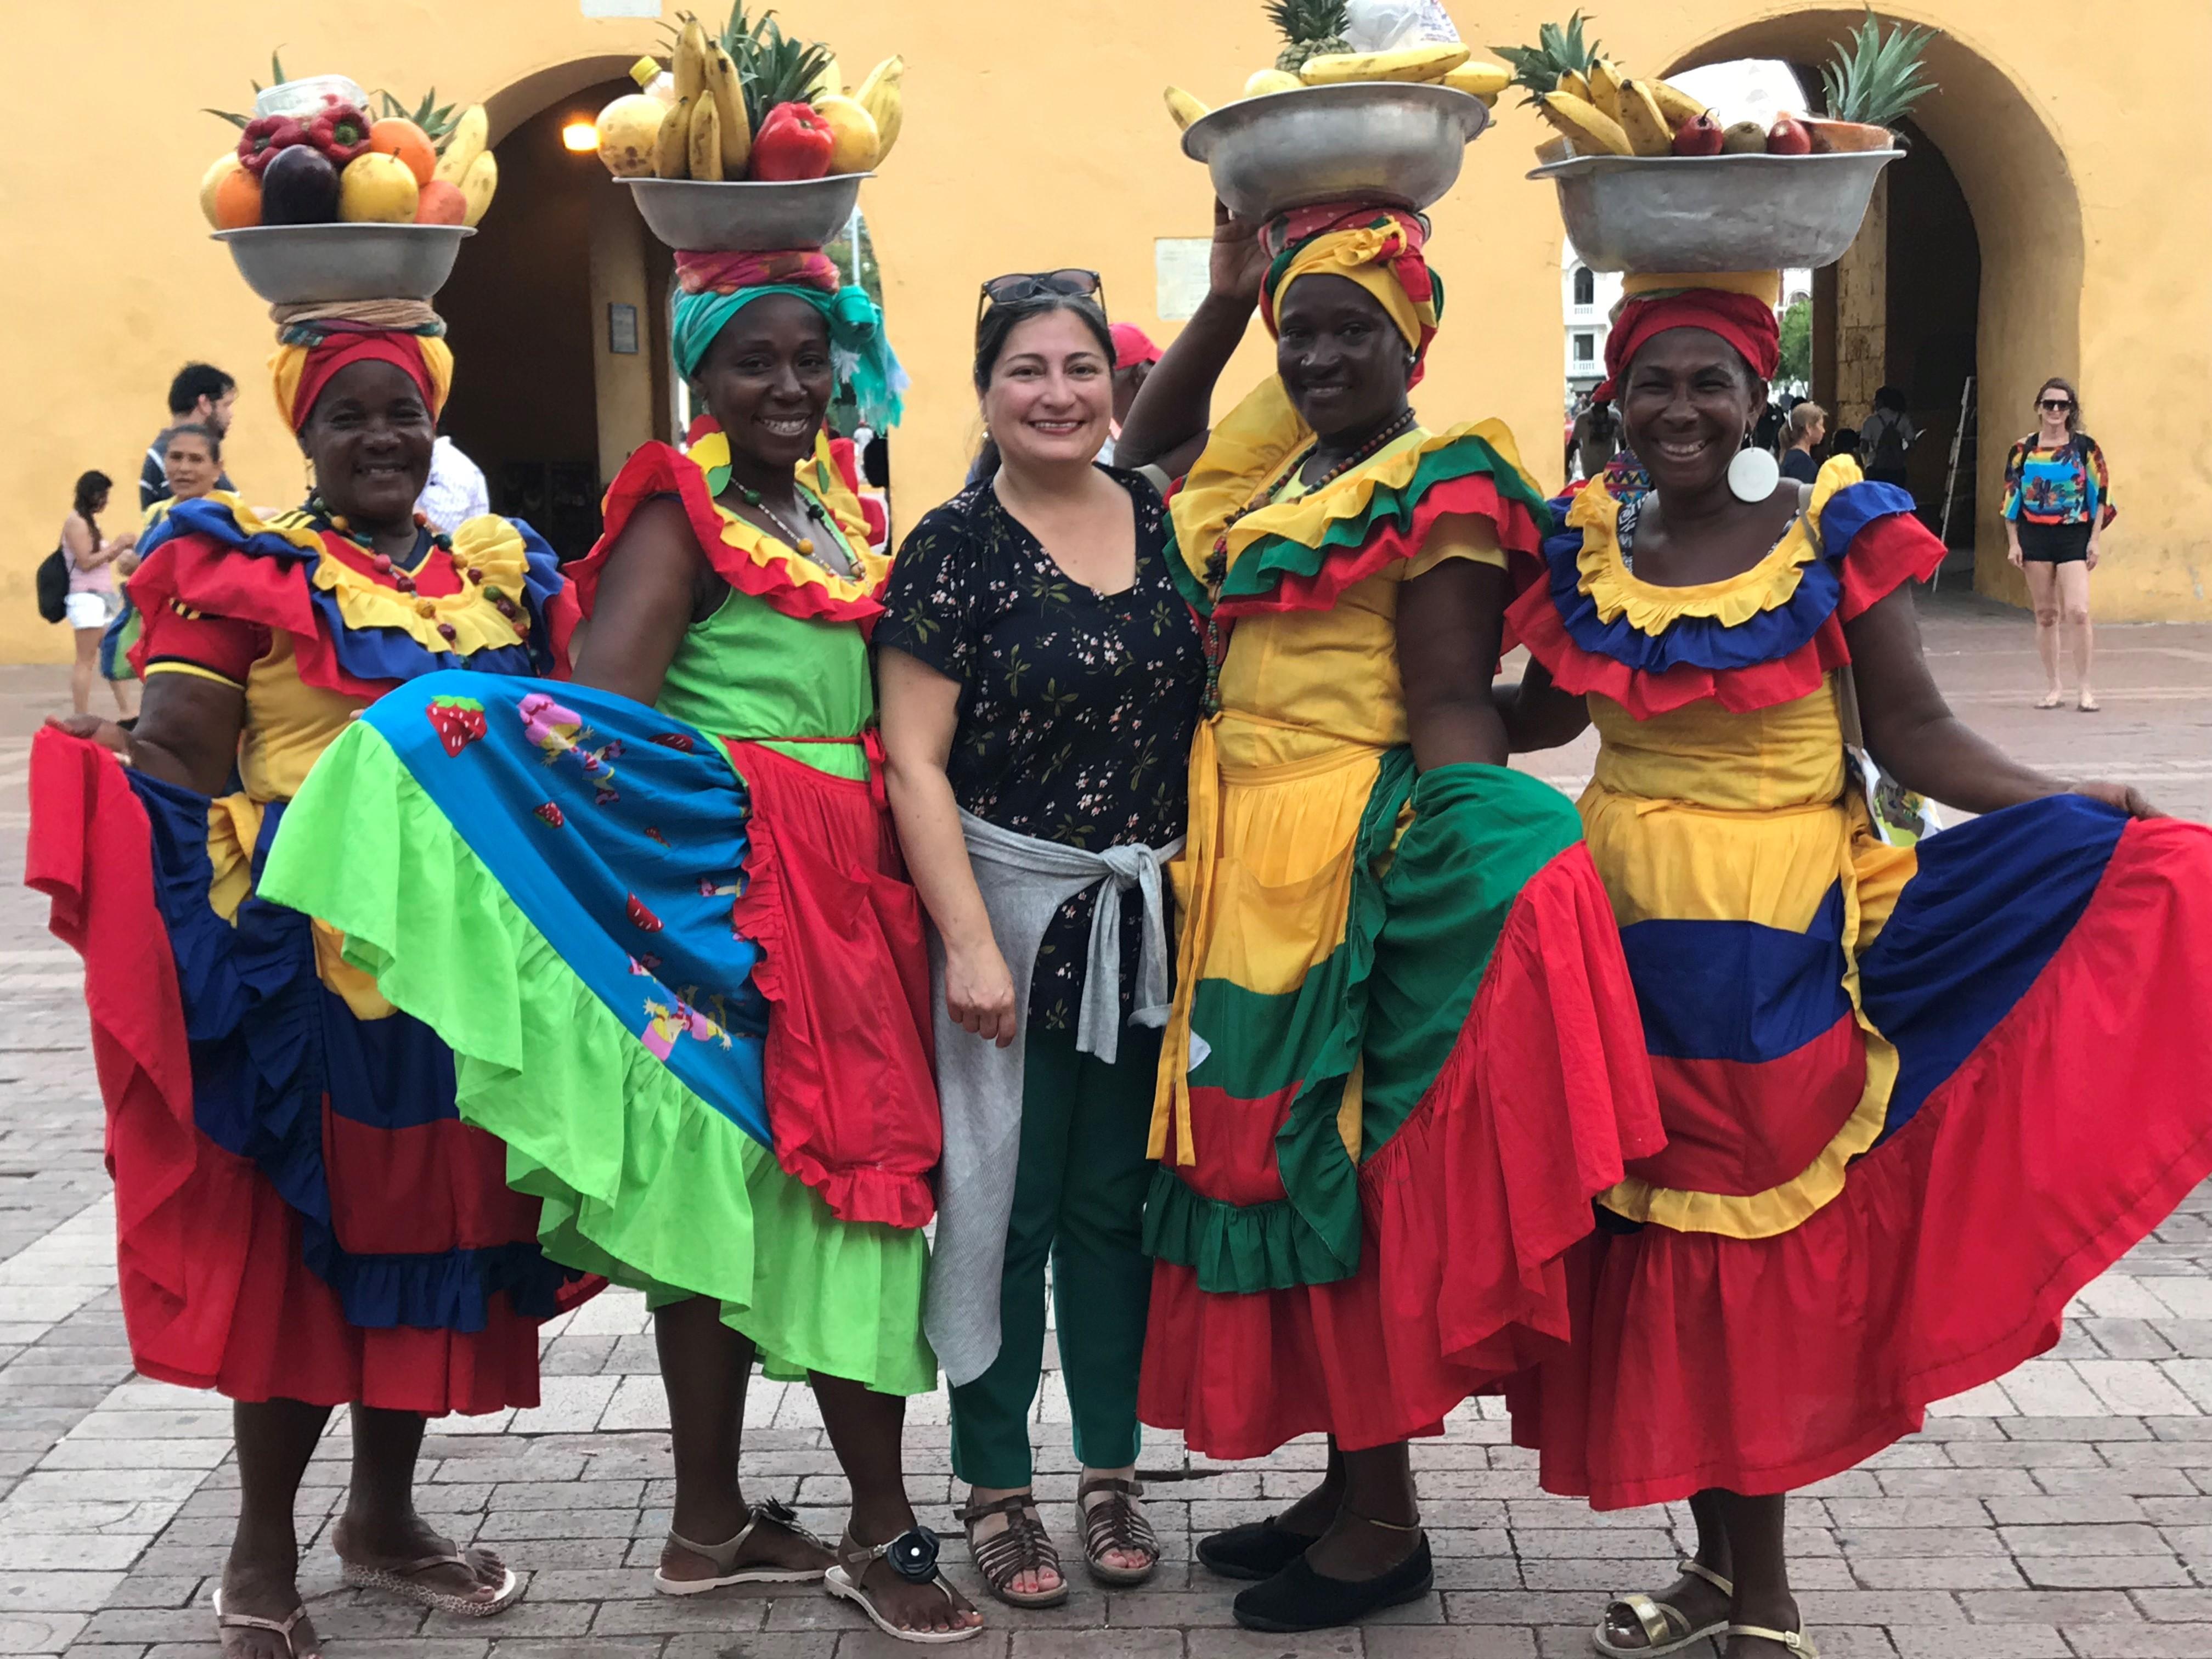 Staff member Linda de la Torre in Cartagena, Colombia, with local women in costume.